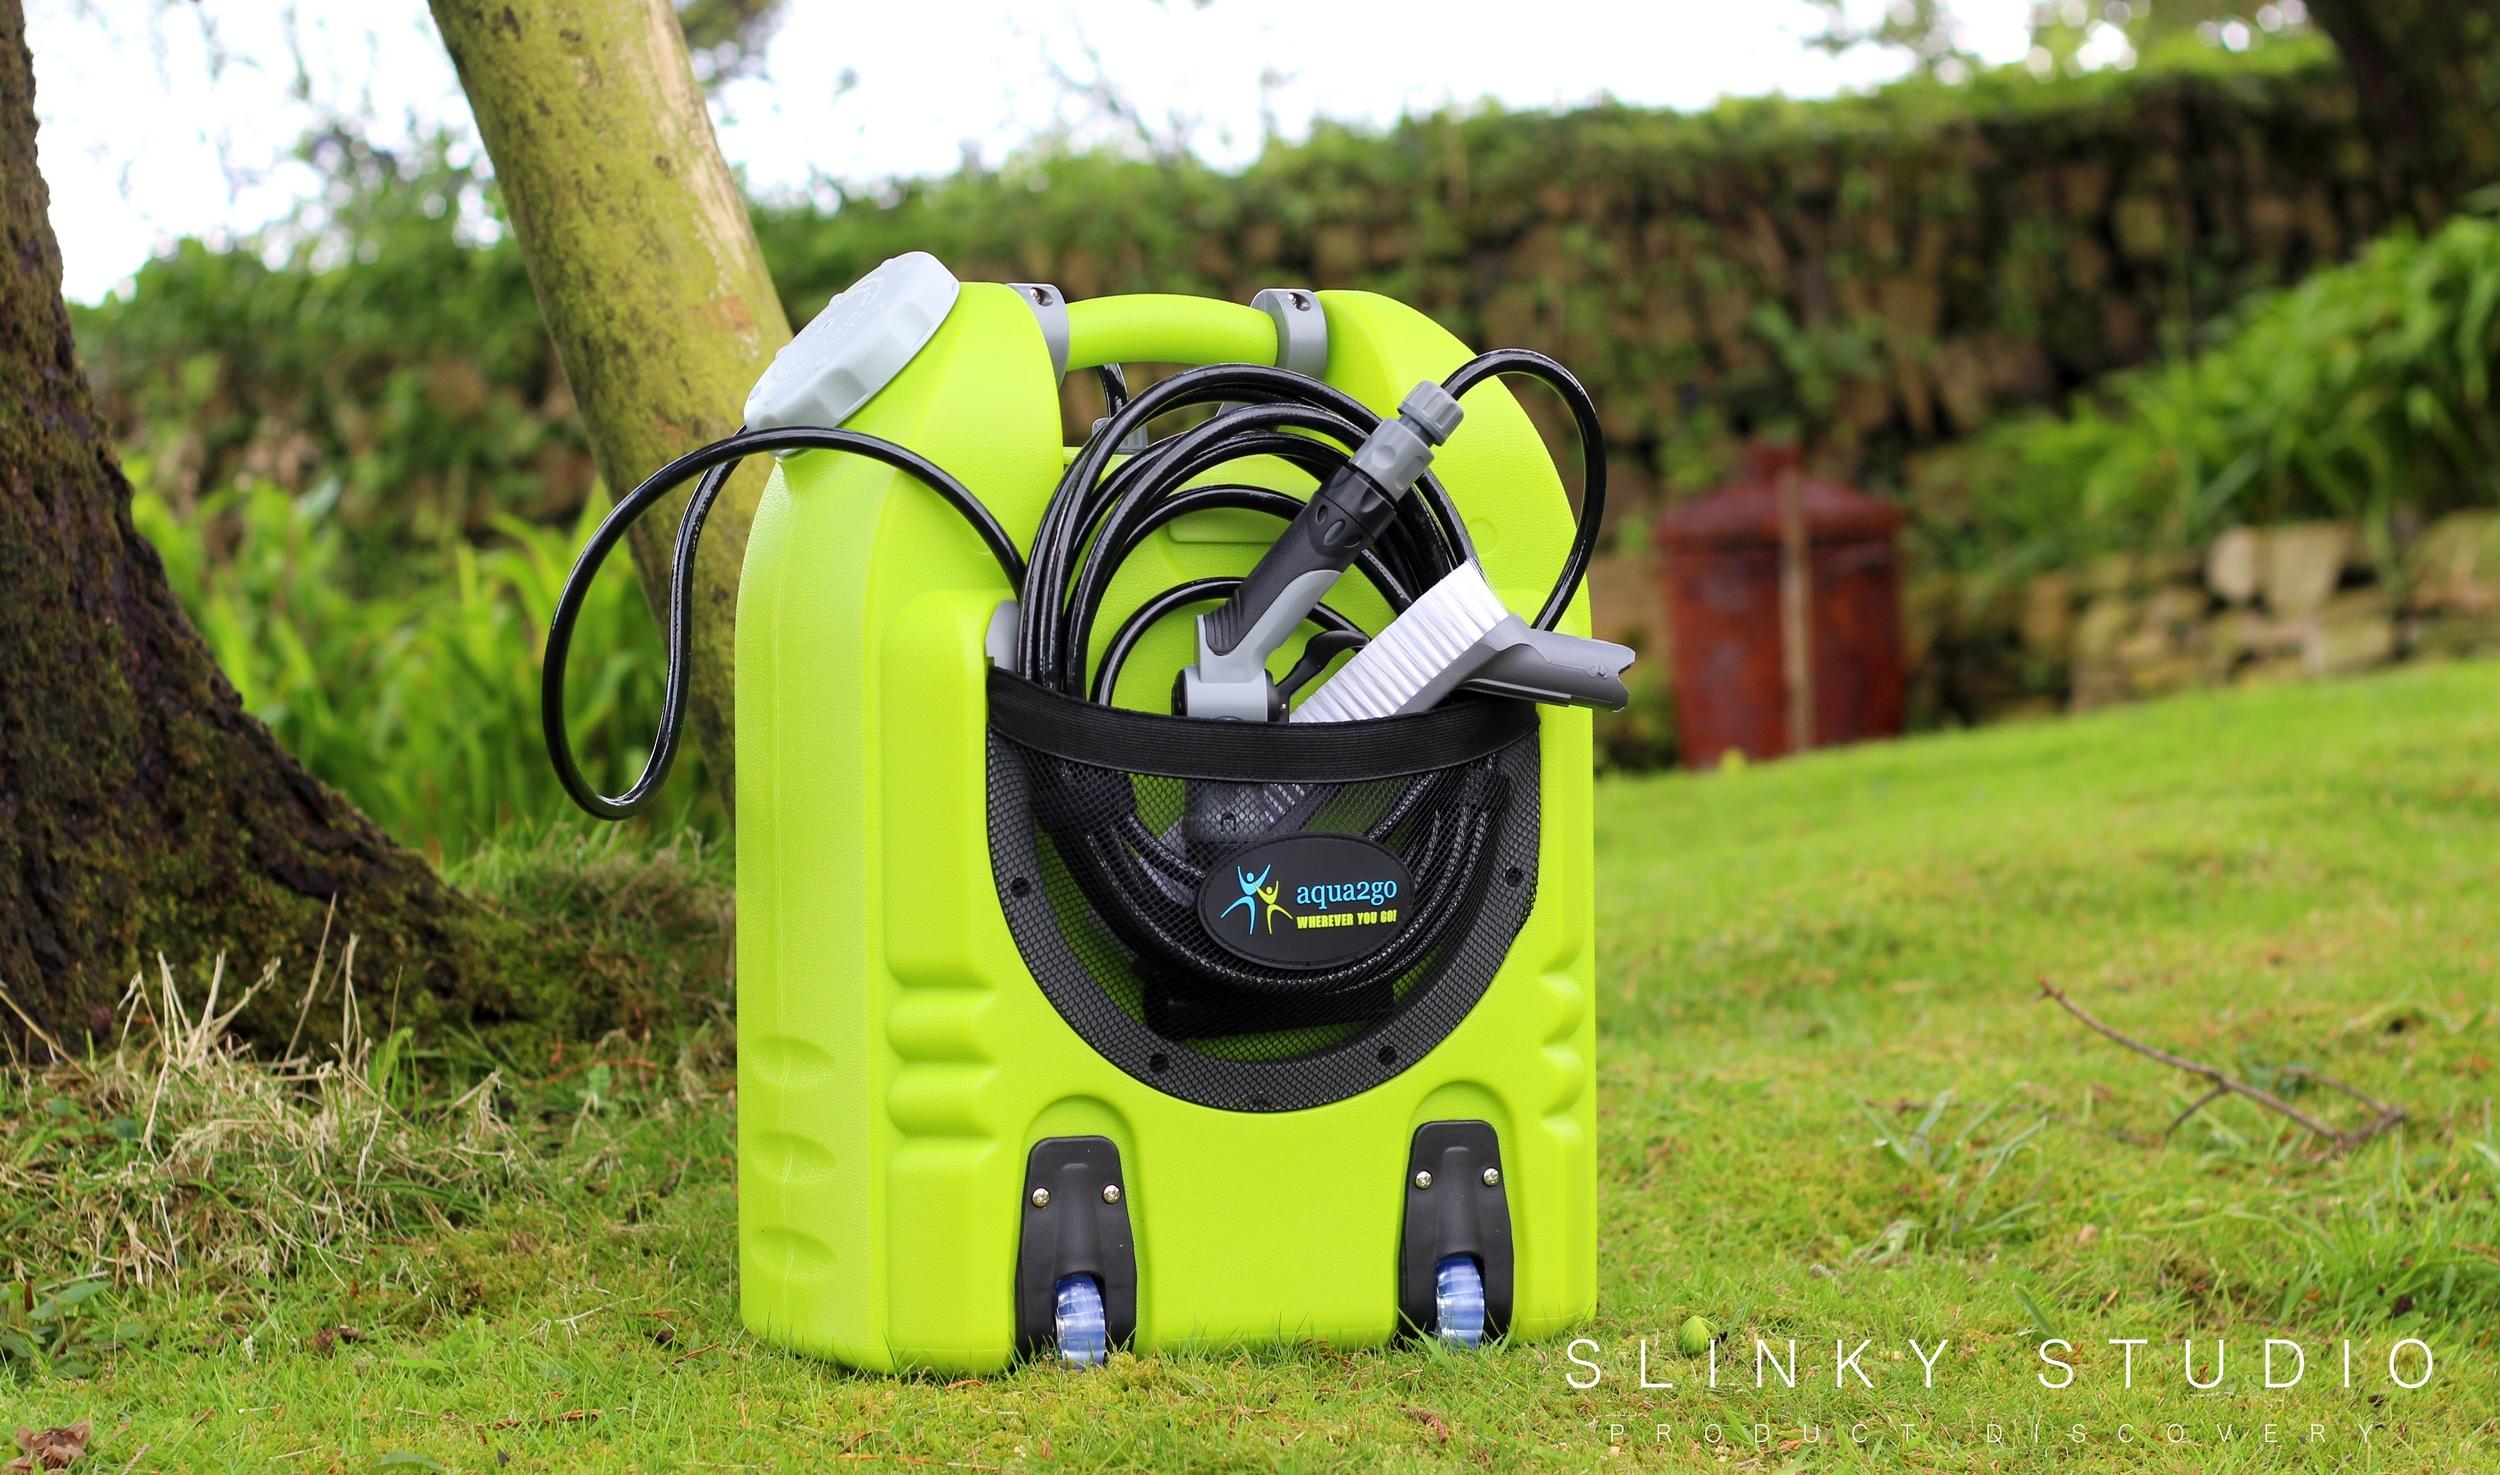 Aqua2Go Pro Smart Pressure Washer Tools Compartment Net.jpg